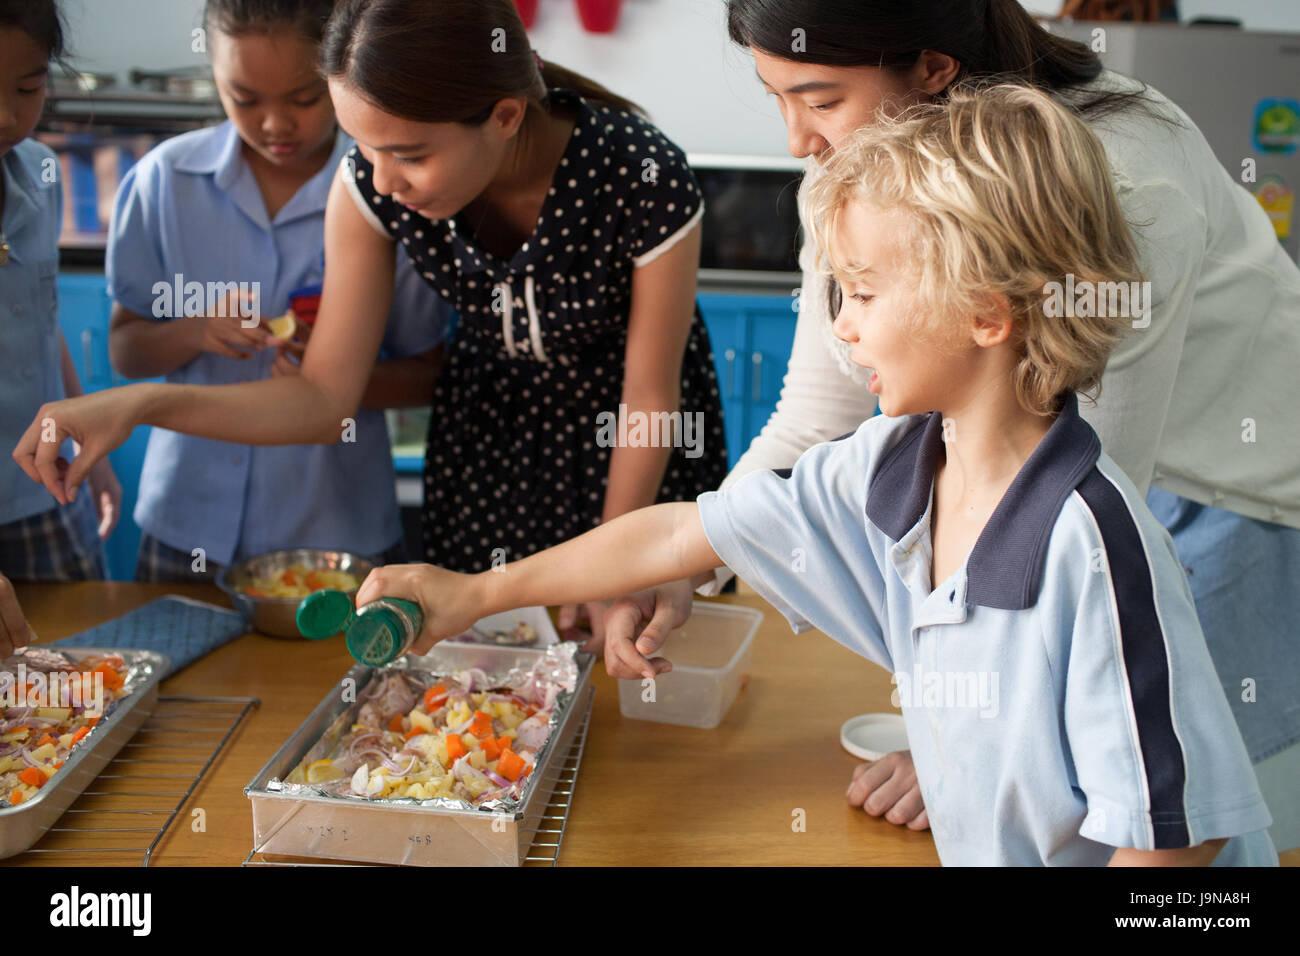 Bangkok, Thaïlande - 23 novembre 2012: dans le cadre d'un collège à Bangkok en Thaïlande. Photo Stock